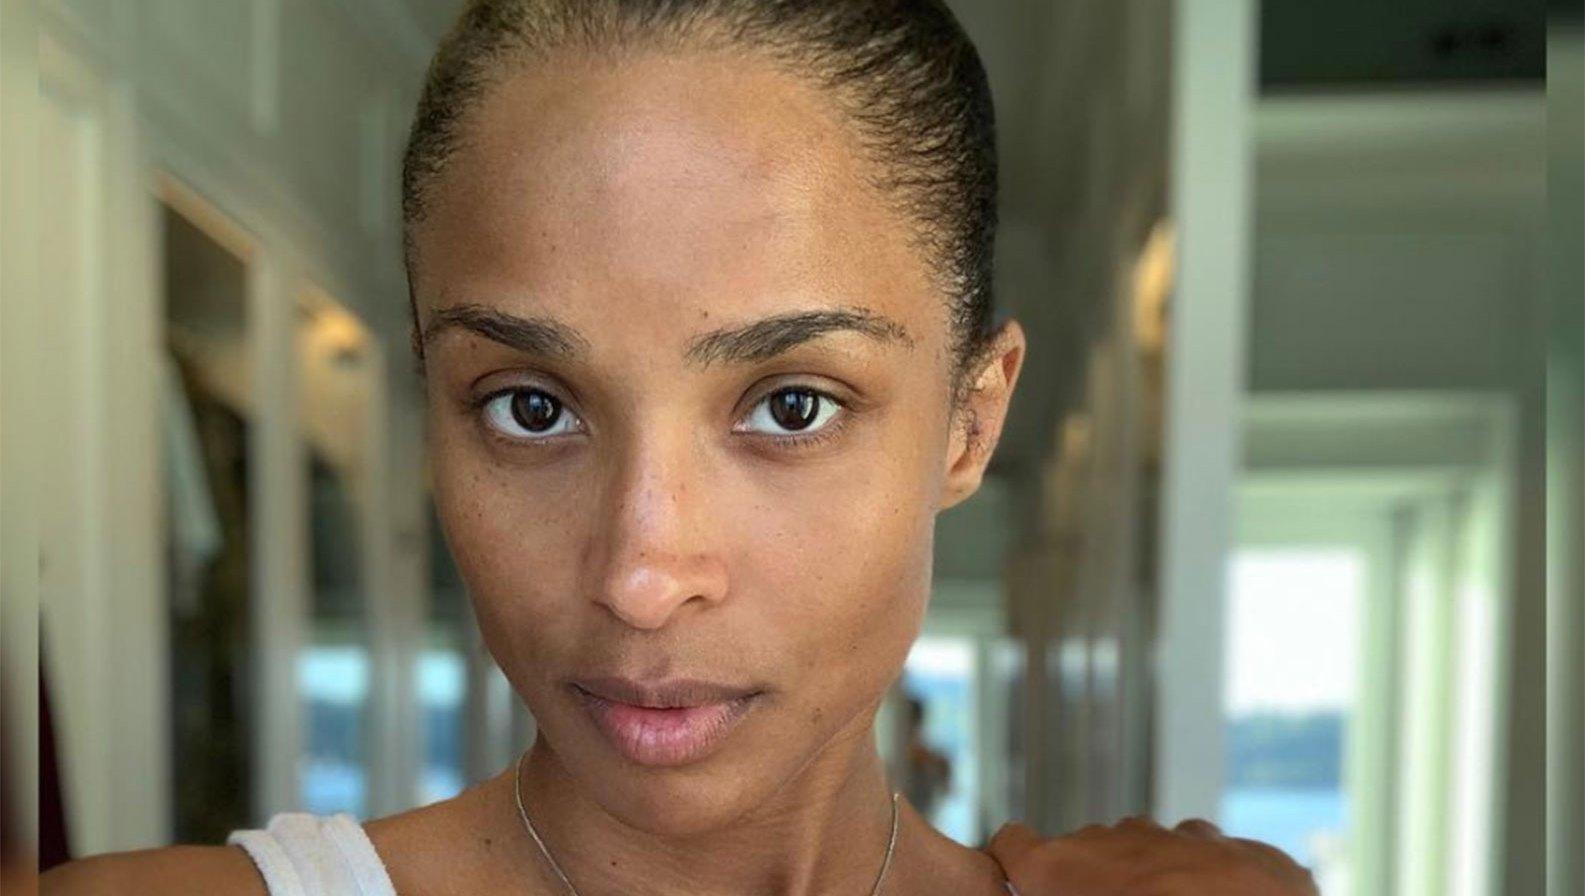 Ciara makeup free selfie